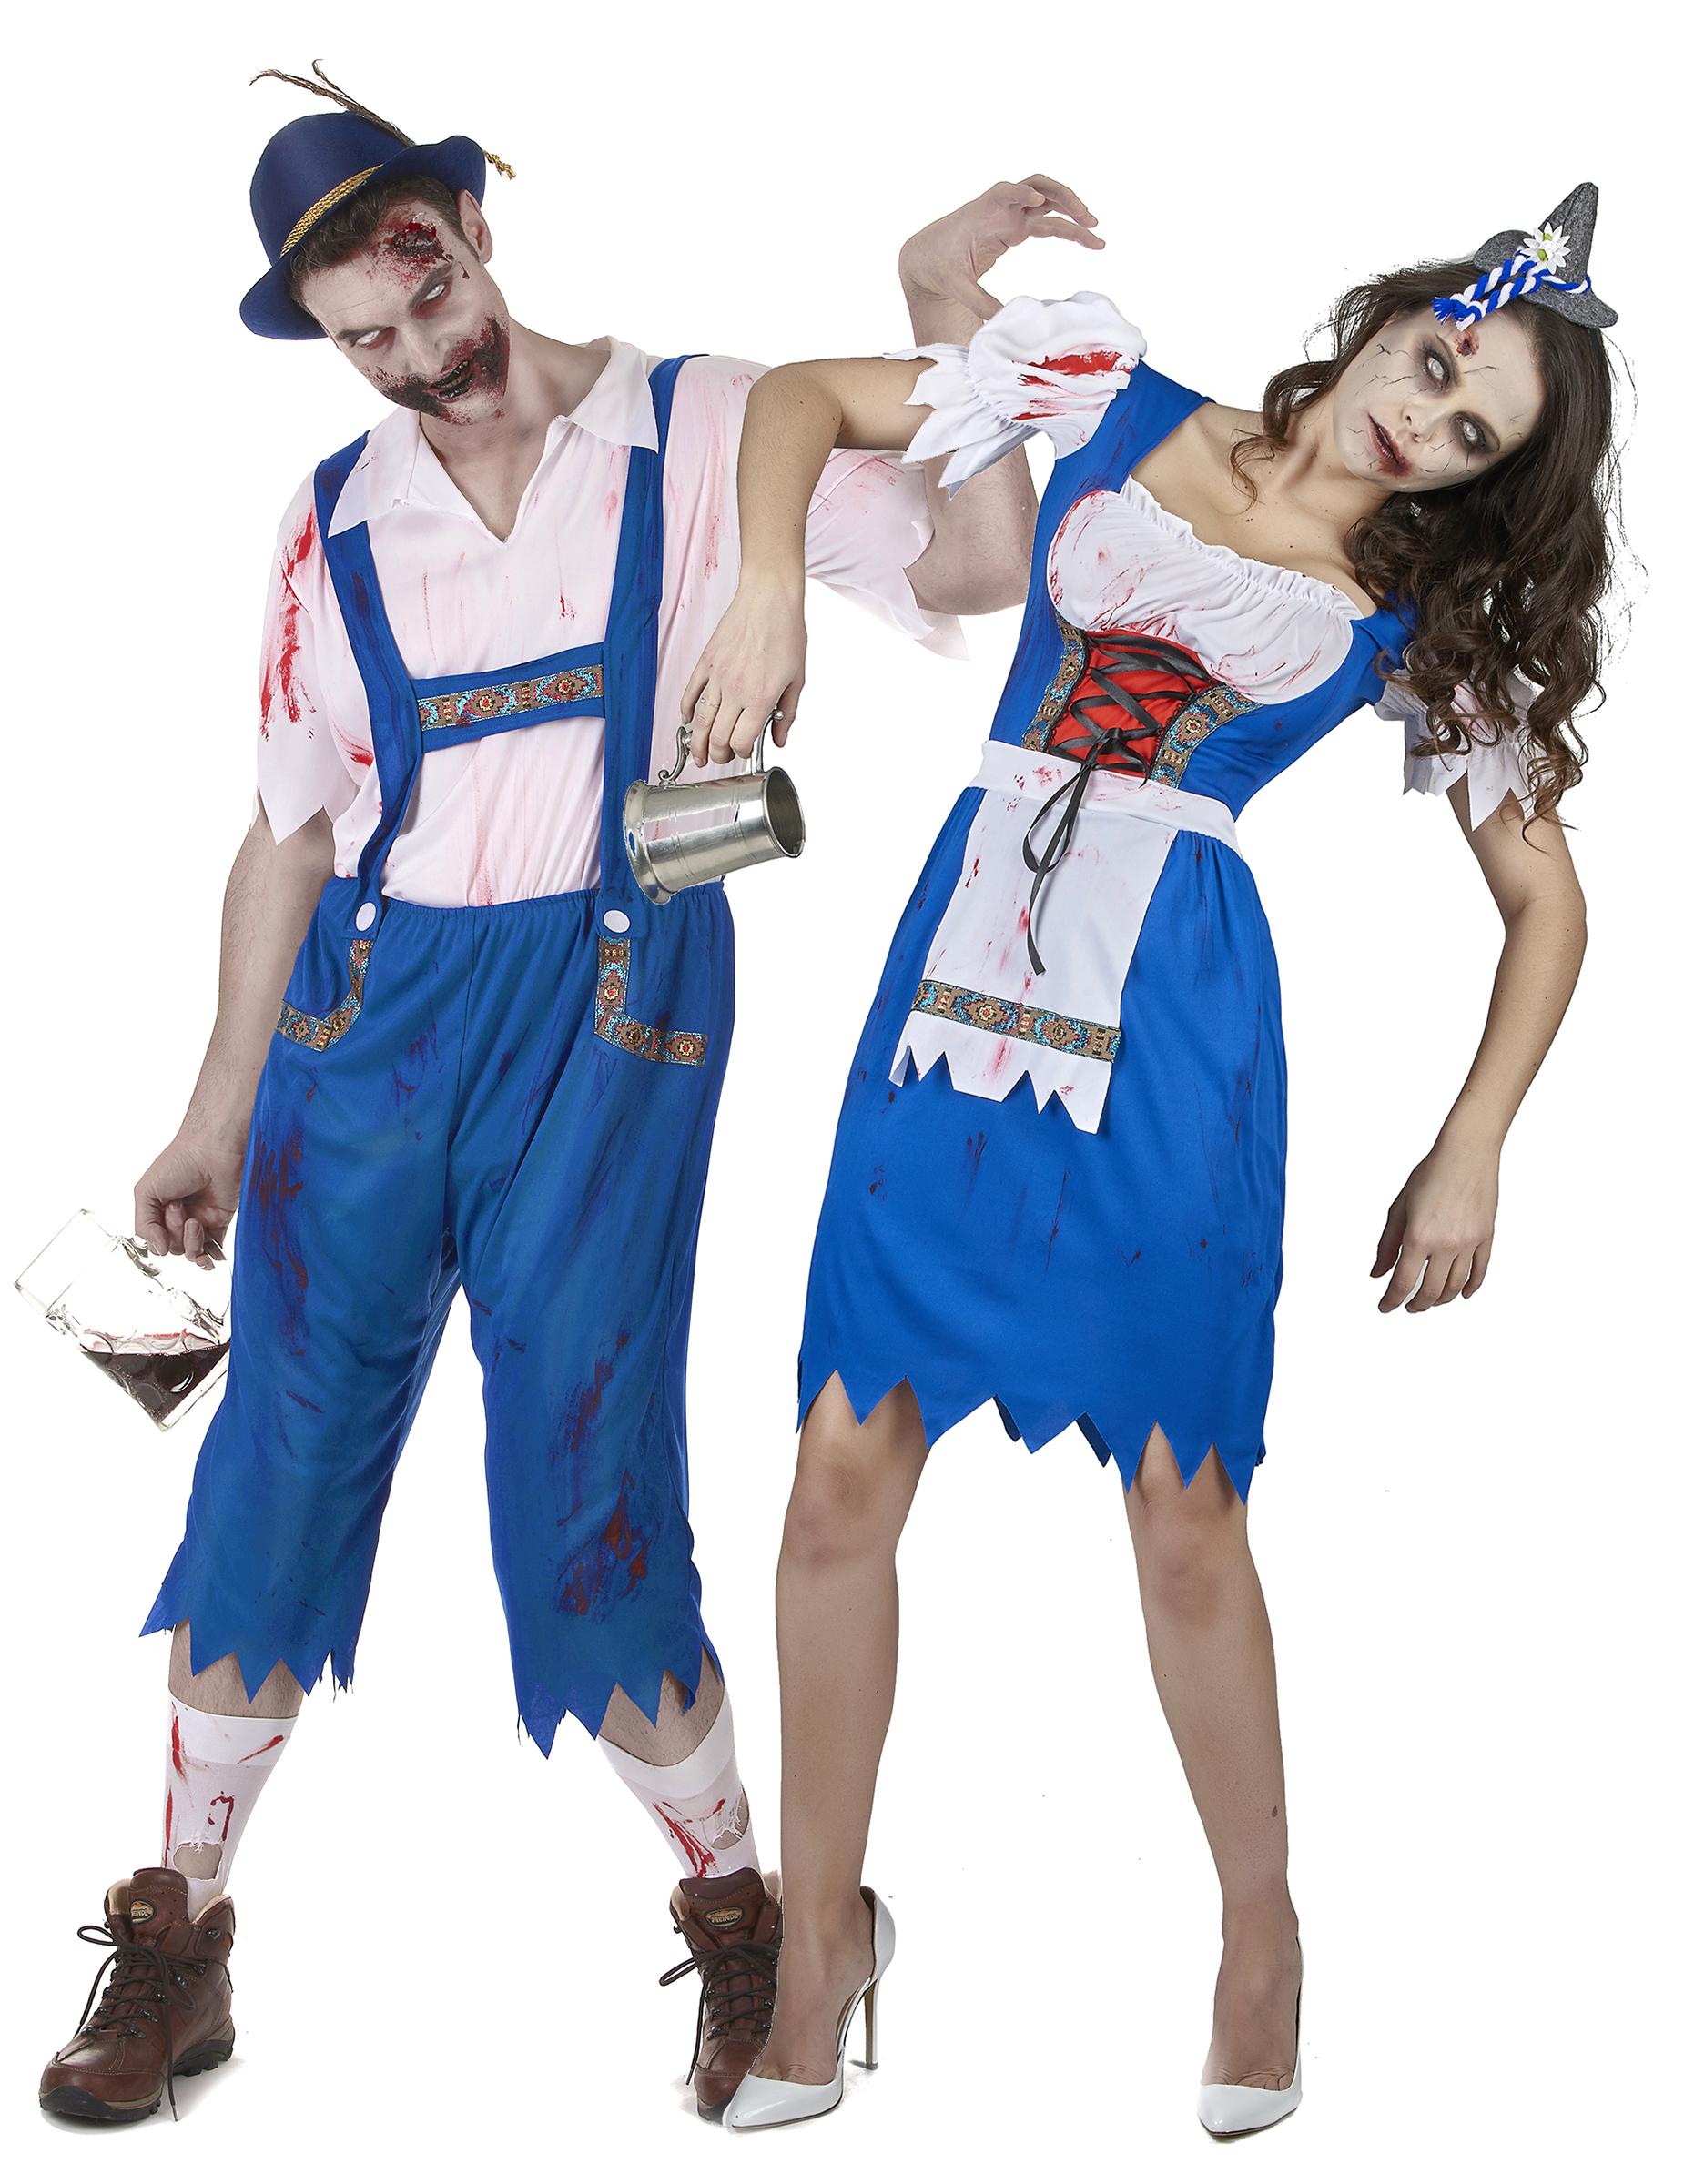 Vestito bavarese zombie coppia costumi coppia e vestiti - Fiesta de disfraces ideas ...